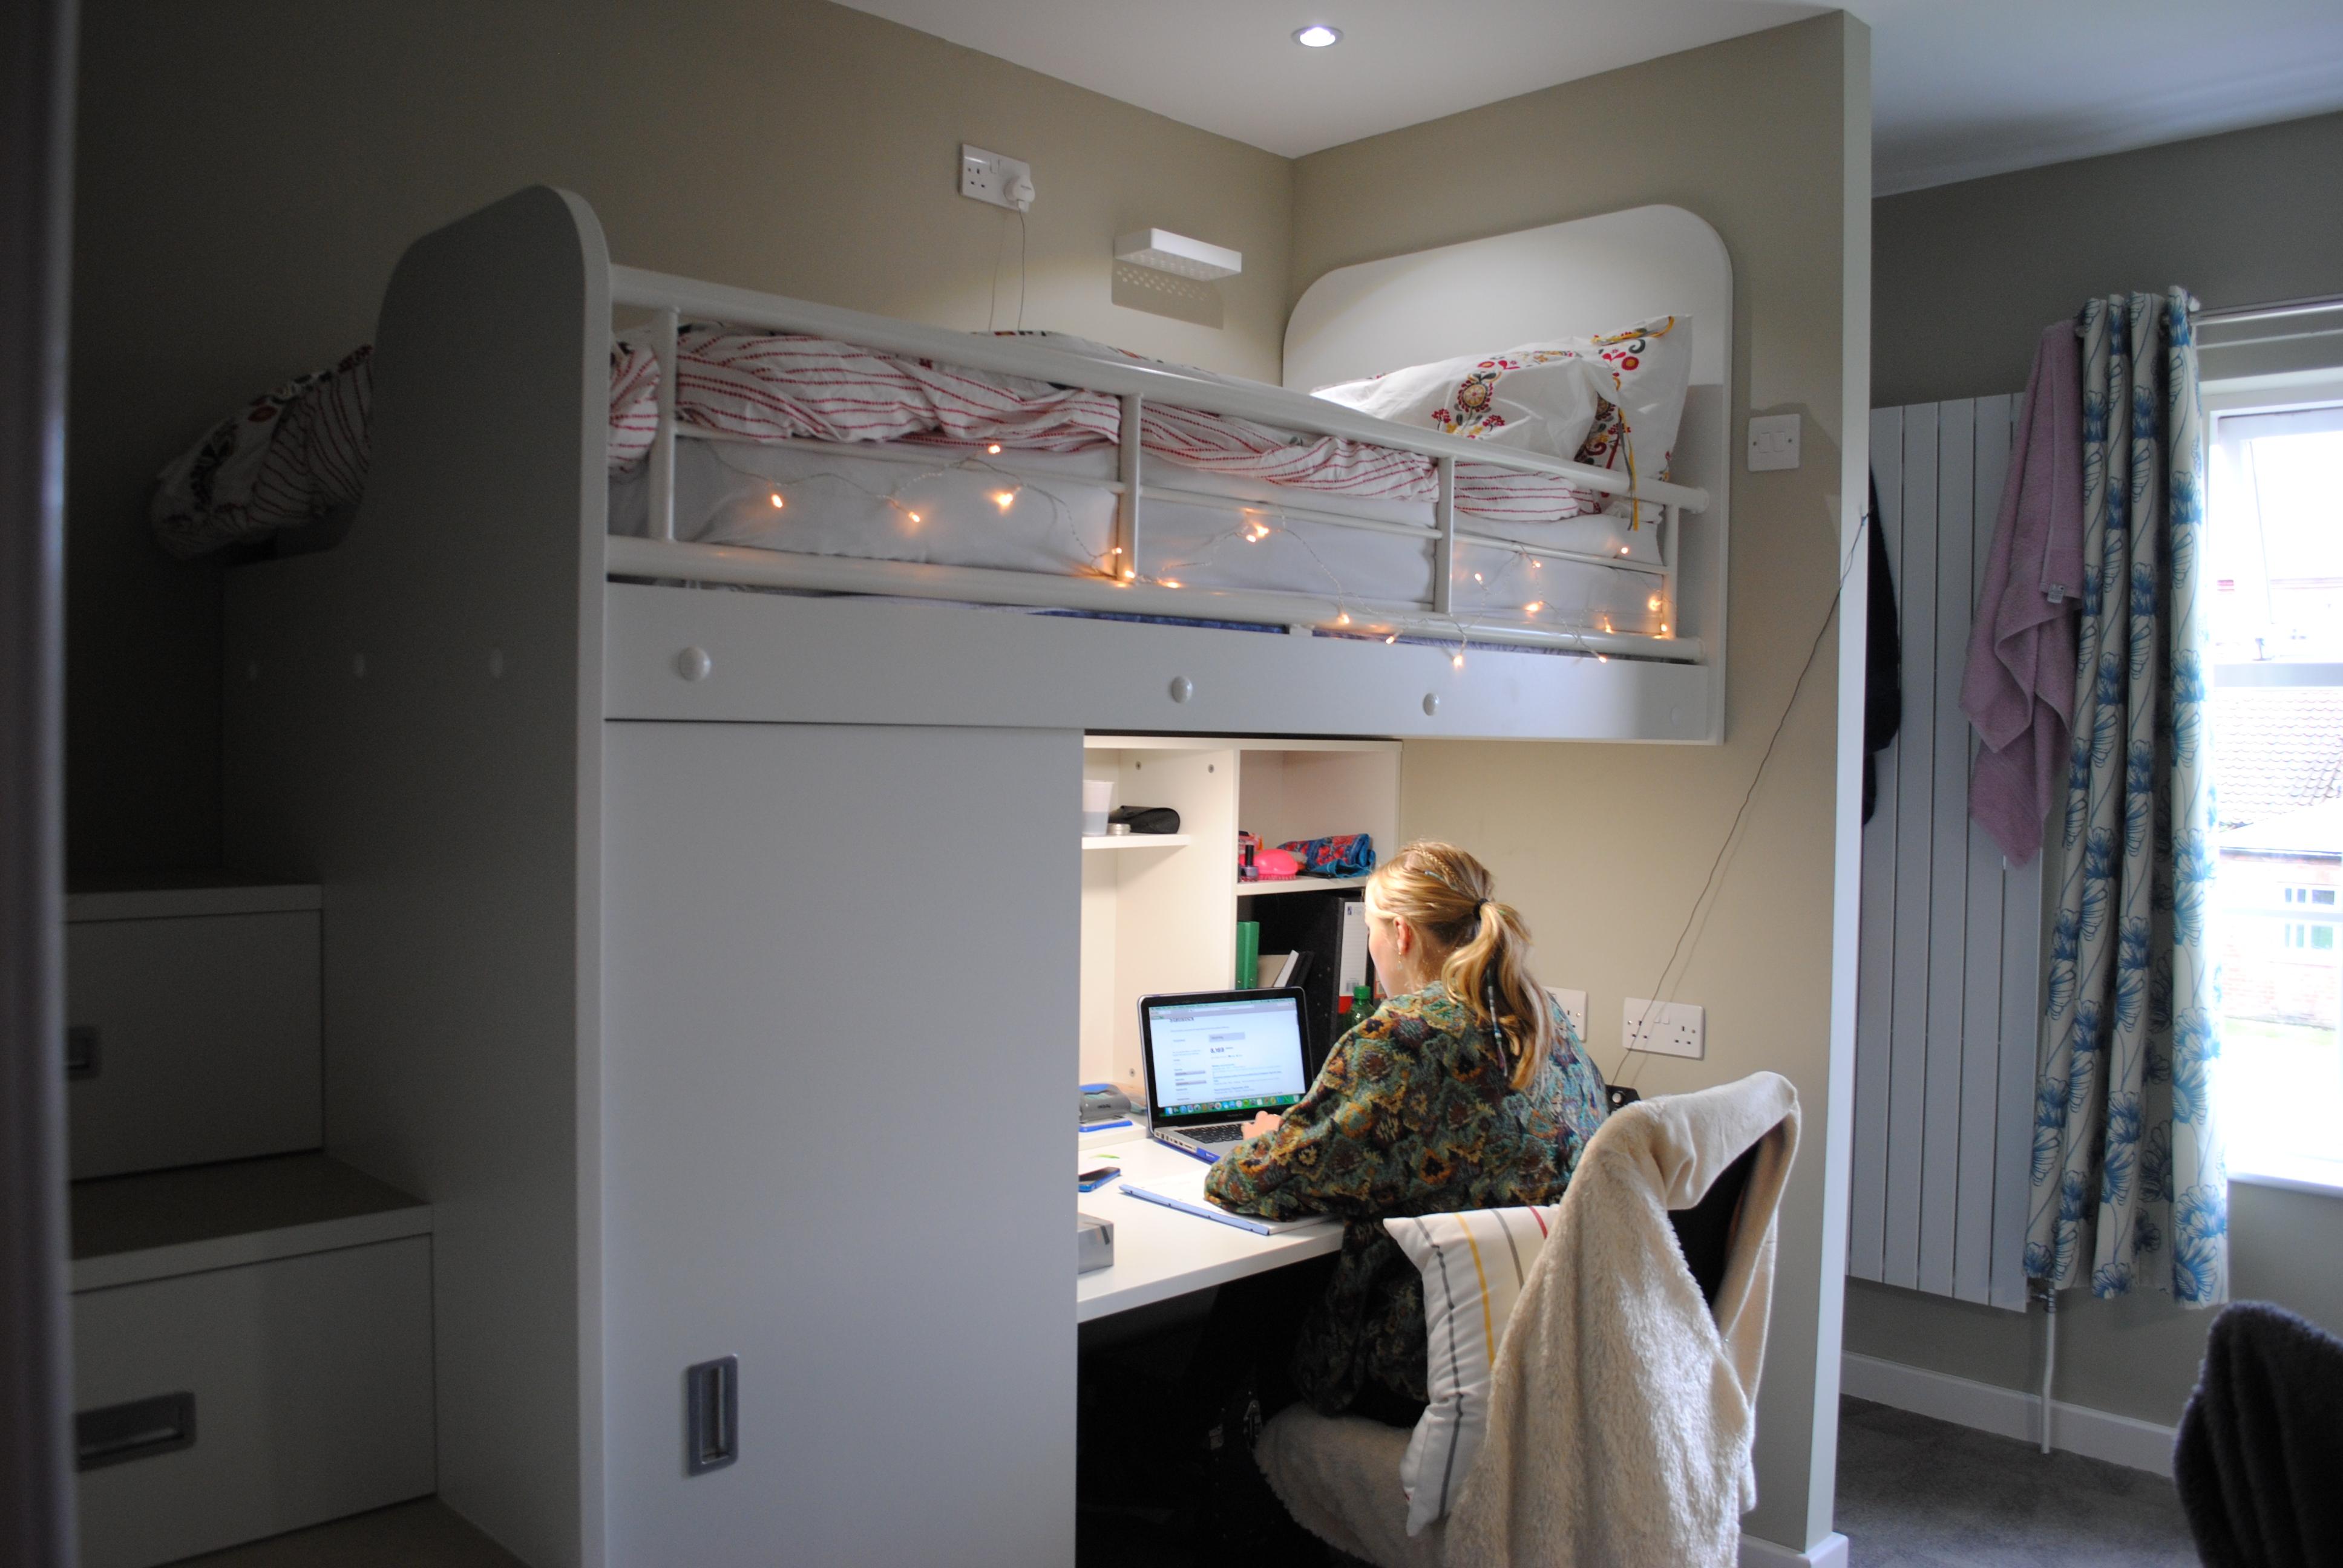 queen margaret's unveils new loft style living :: uk boarding schools